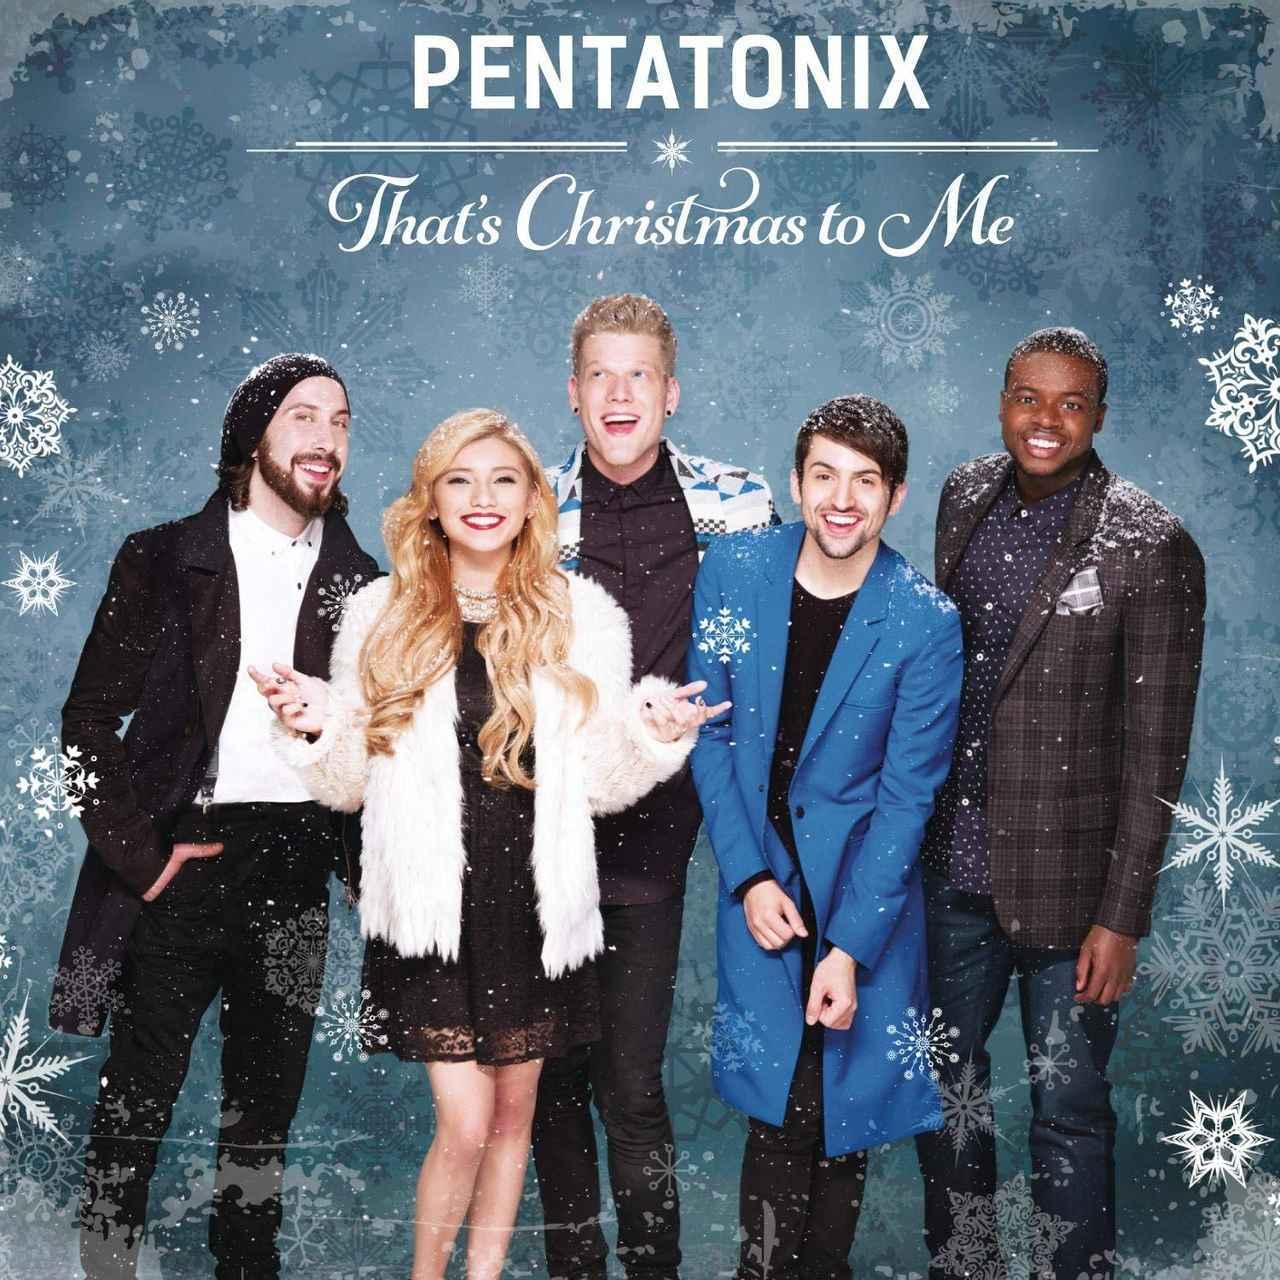 画像1: ペンタトニックスから「極上のクリスマスアルバム」が到着!これが『世界一』のアカペラ編曲